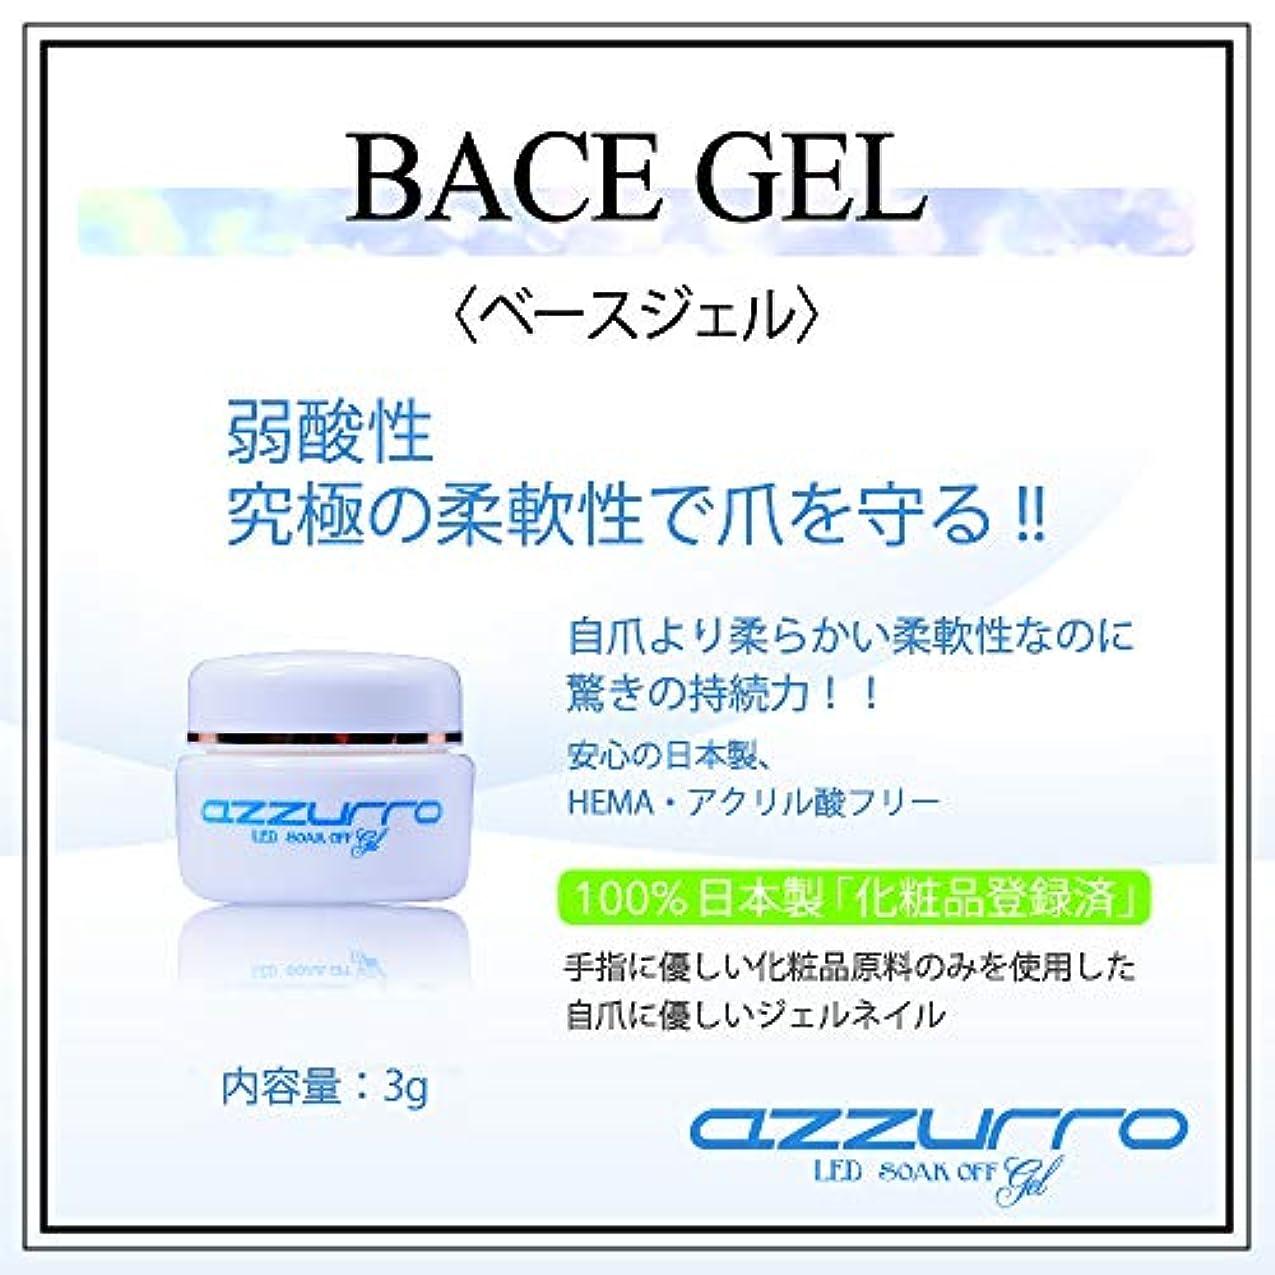 ゆりスリーブ一生azzurro gel アッズーロ ベースジェル 日本製 驚きの密着力 リムーバーでオフも簡単3g